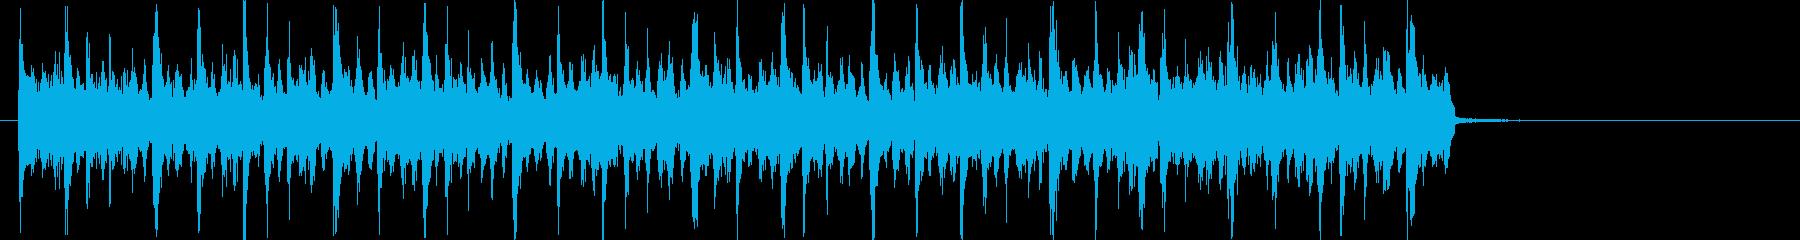 リズミカルで軽快なポップジングルの再生済みの波形